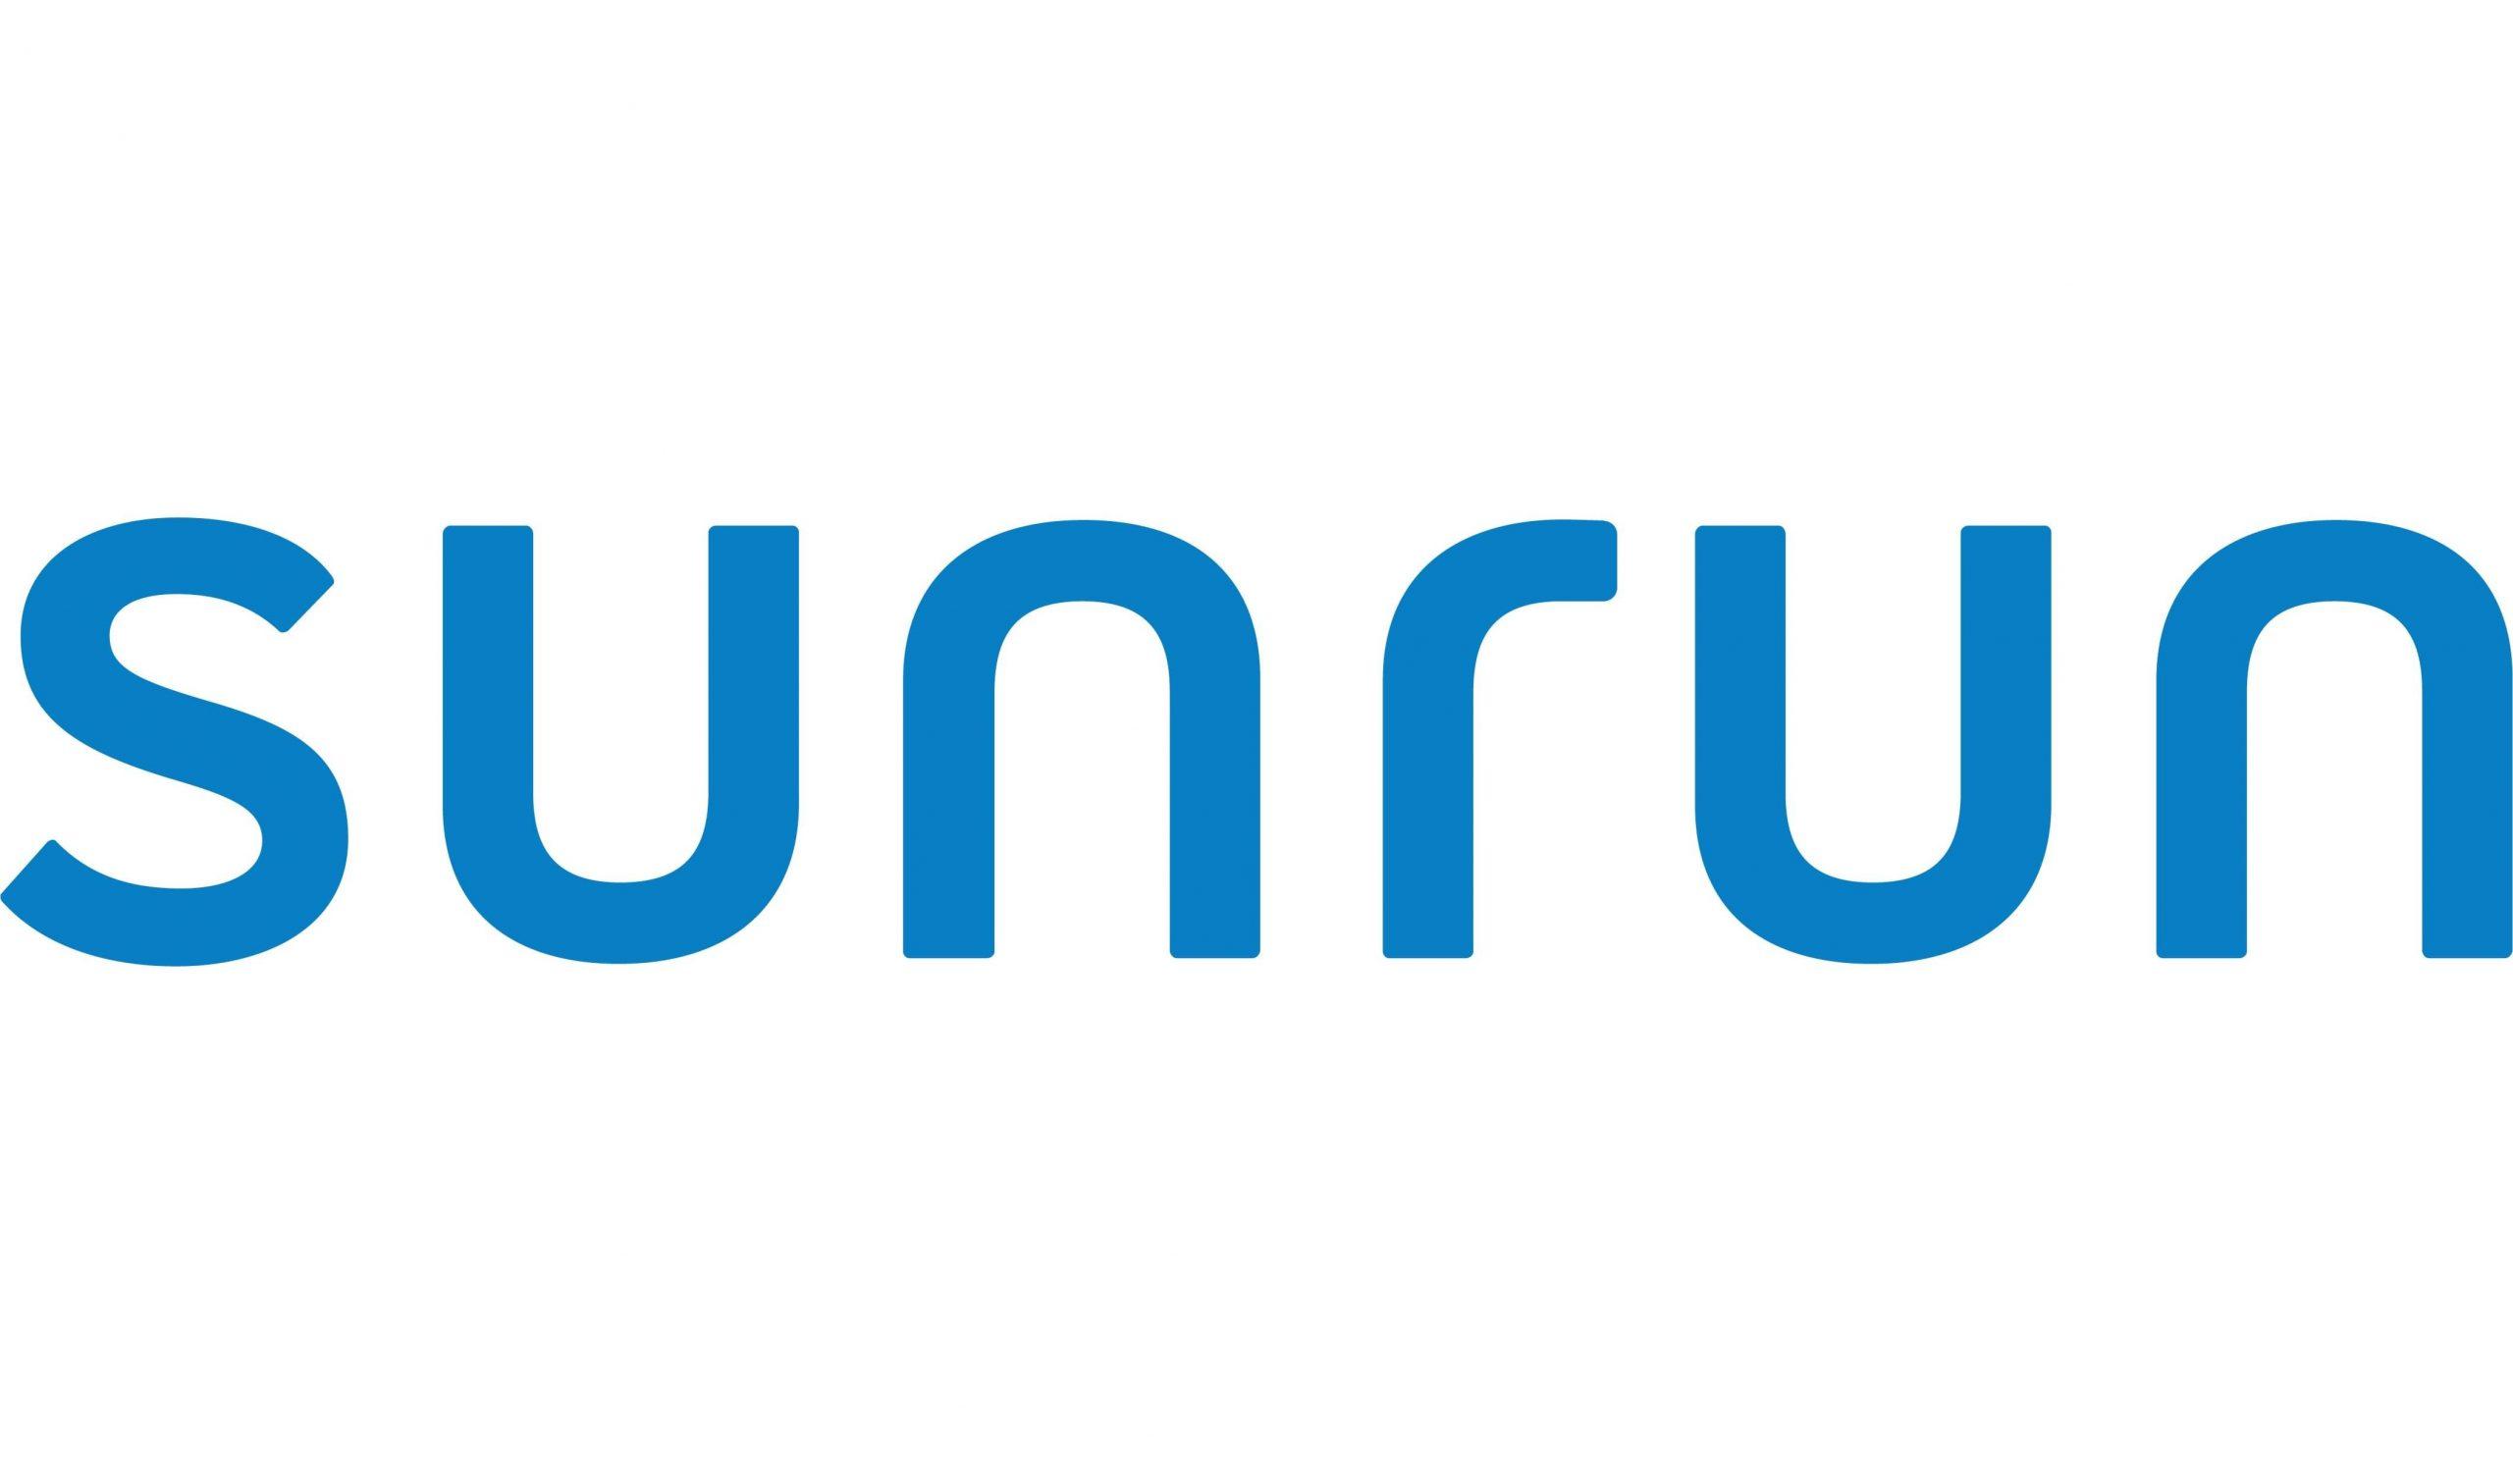 Sunrun Inc